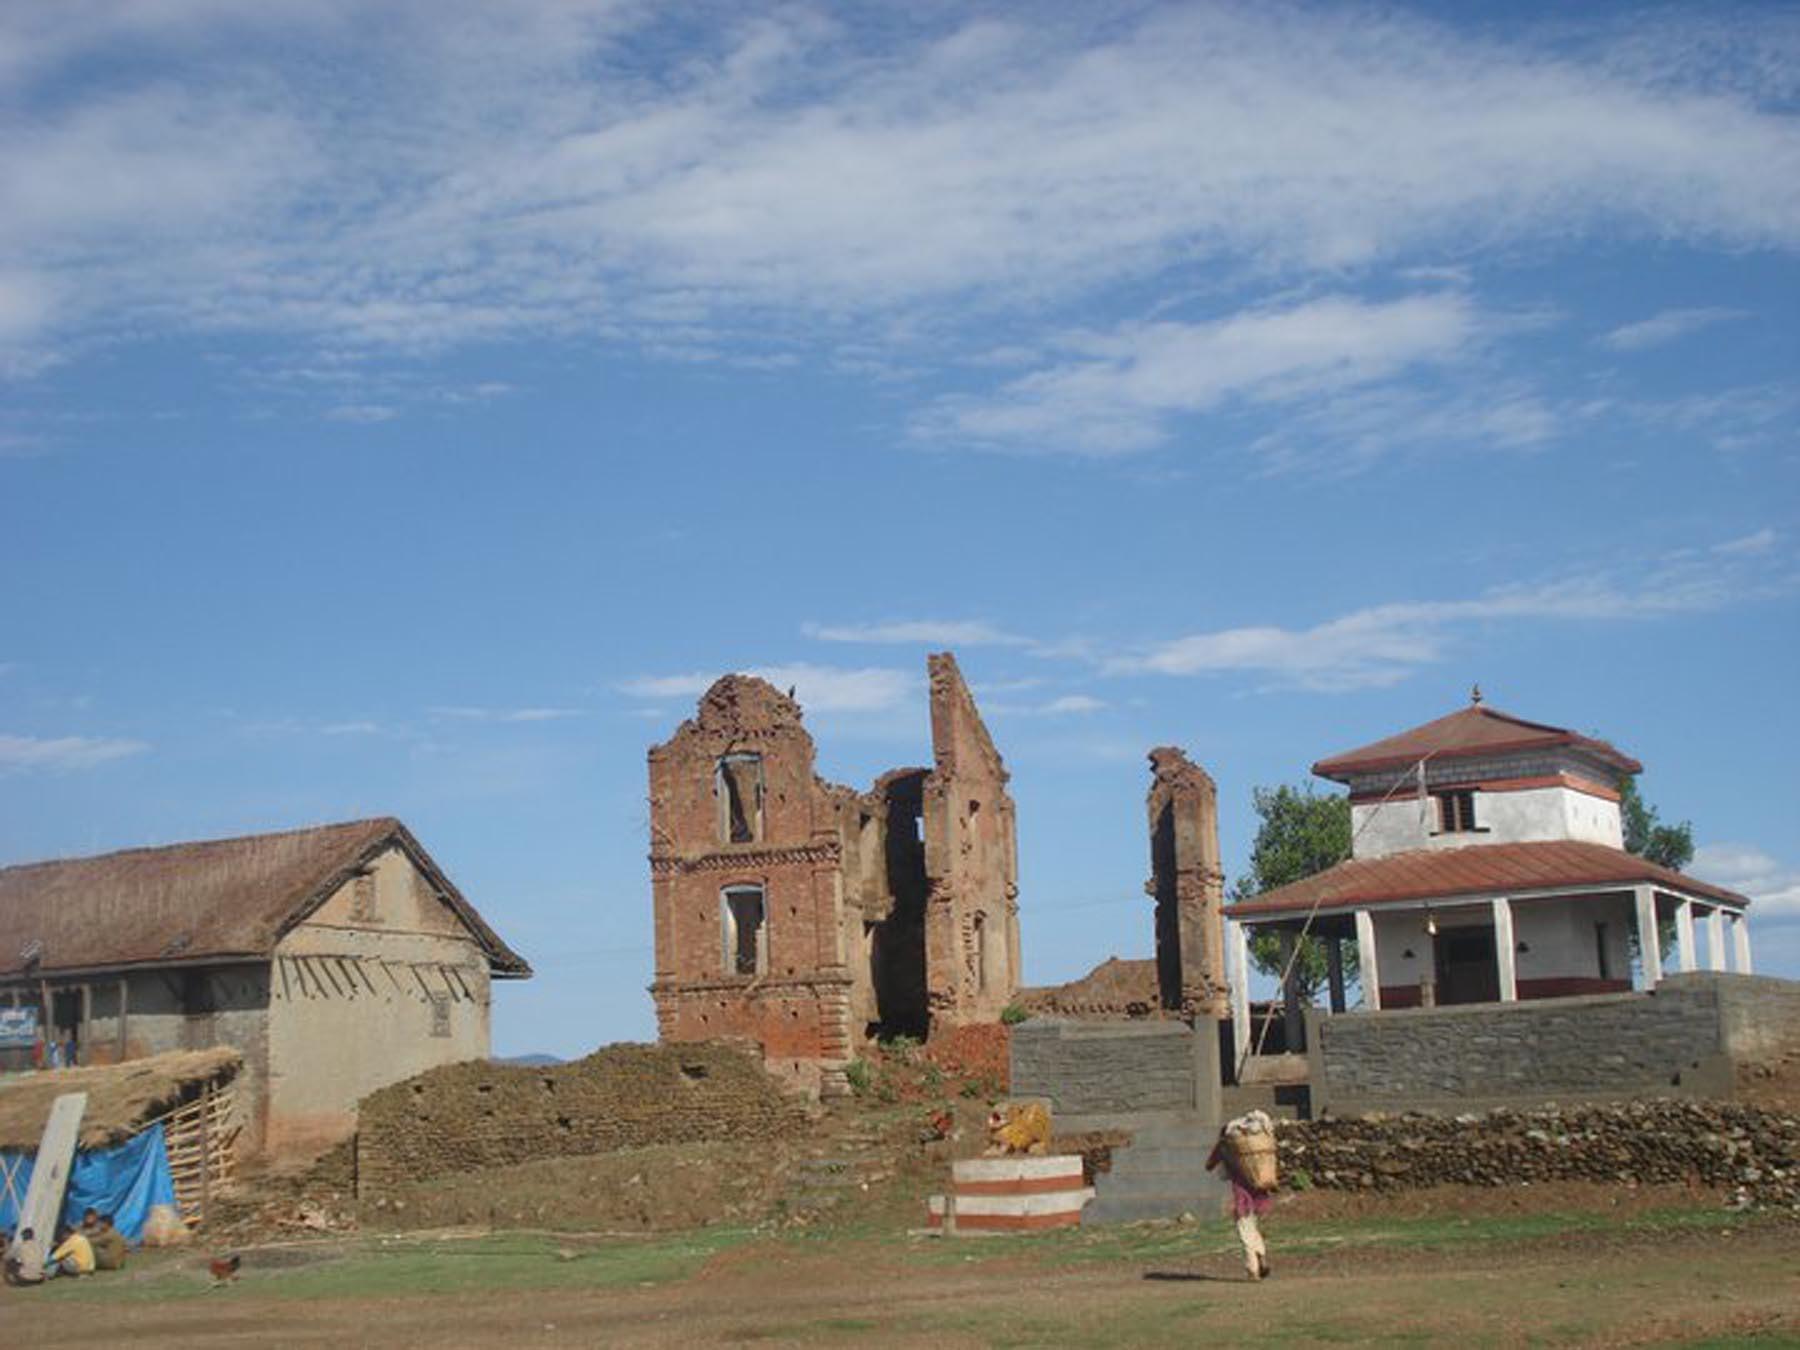 सिंजा राज्यको हिउँदे राजधानी, पर्यटनमा फड्को मार्दै